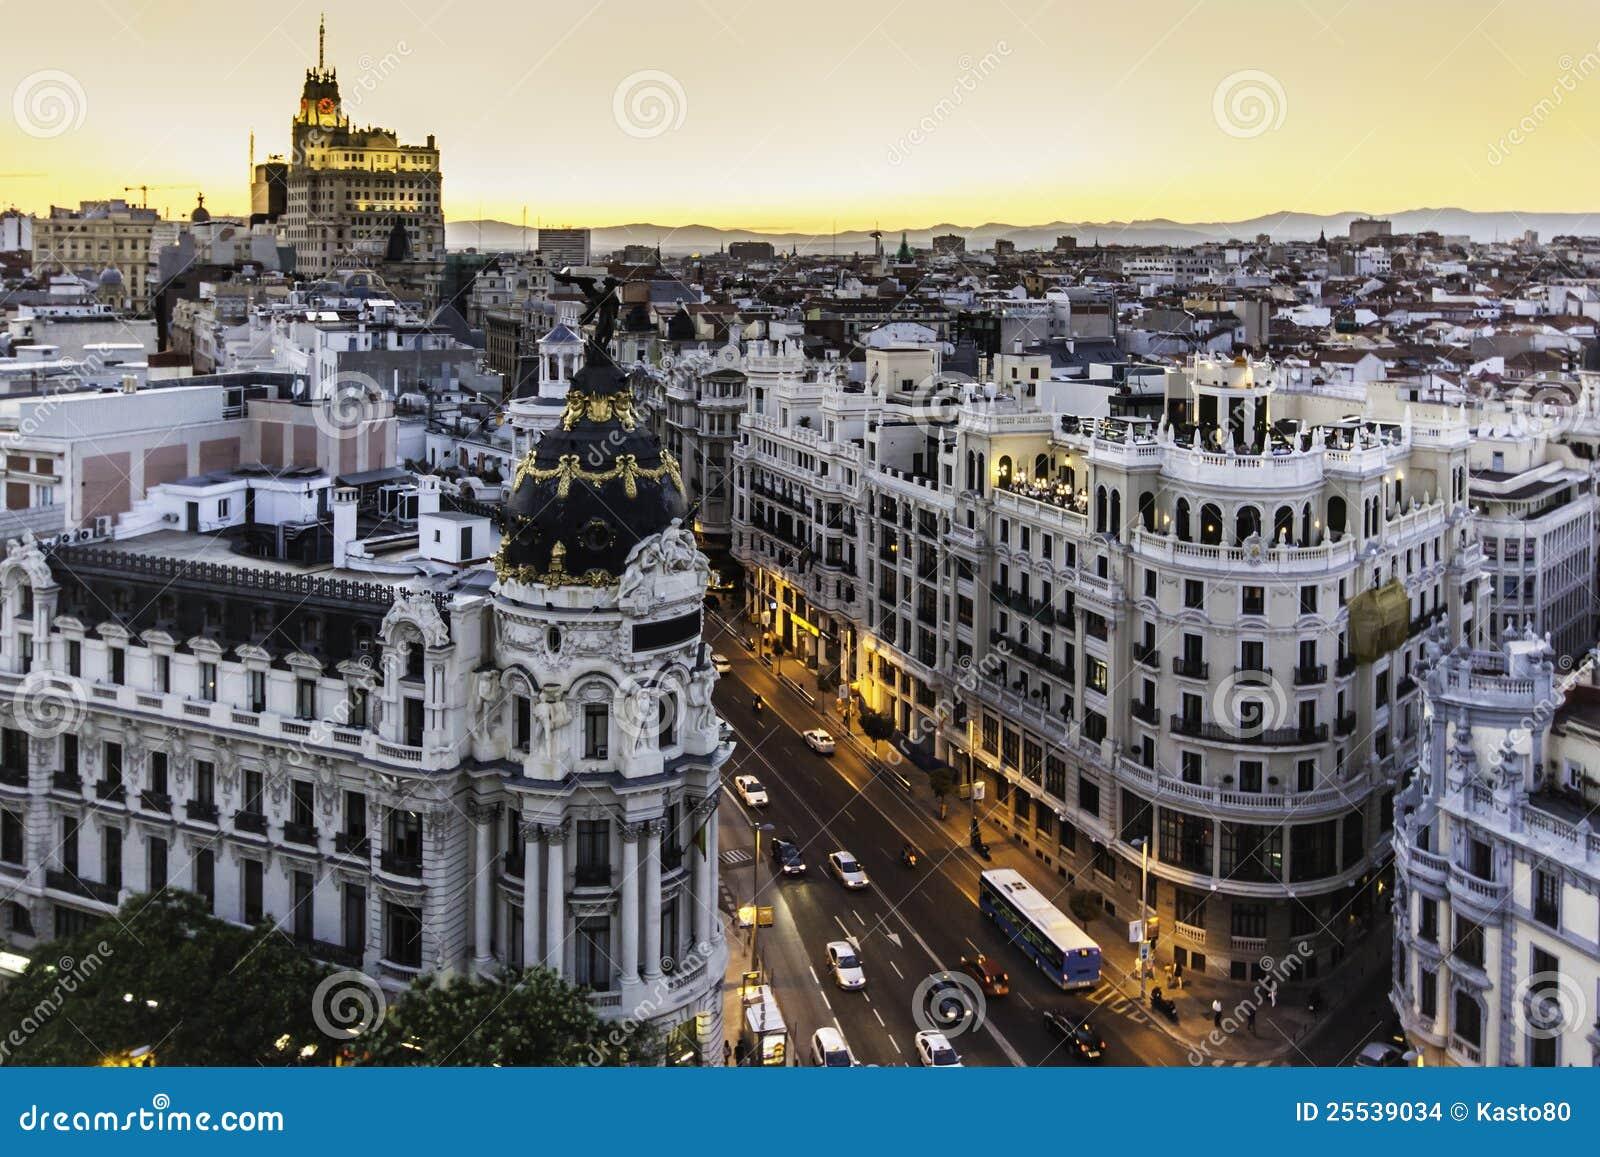 Panoramic View Of Gran Via Madrid Spain Stock Images